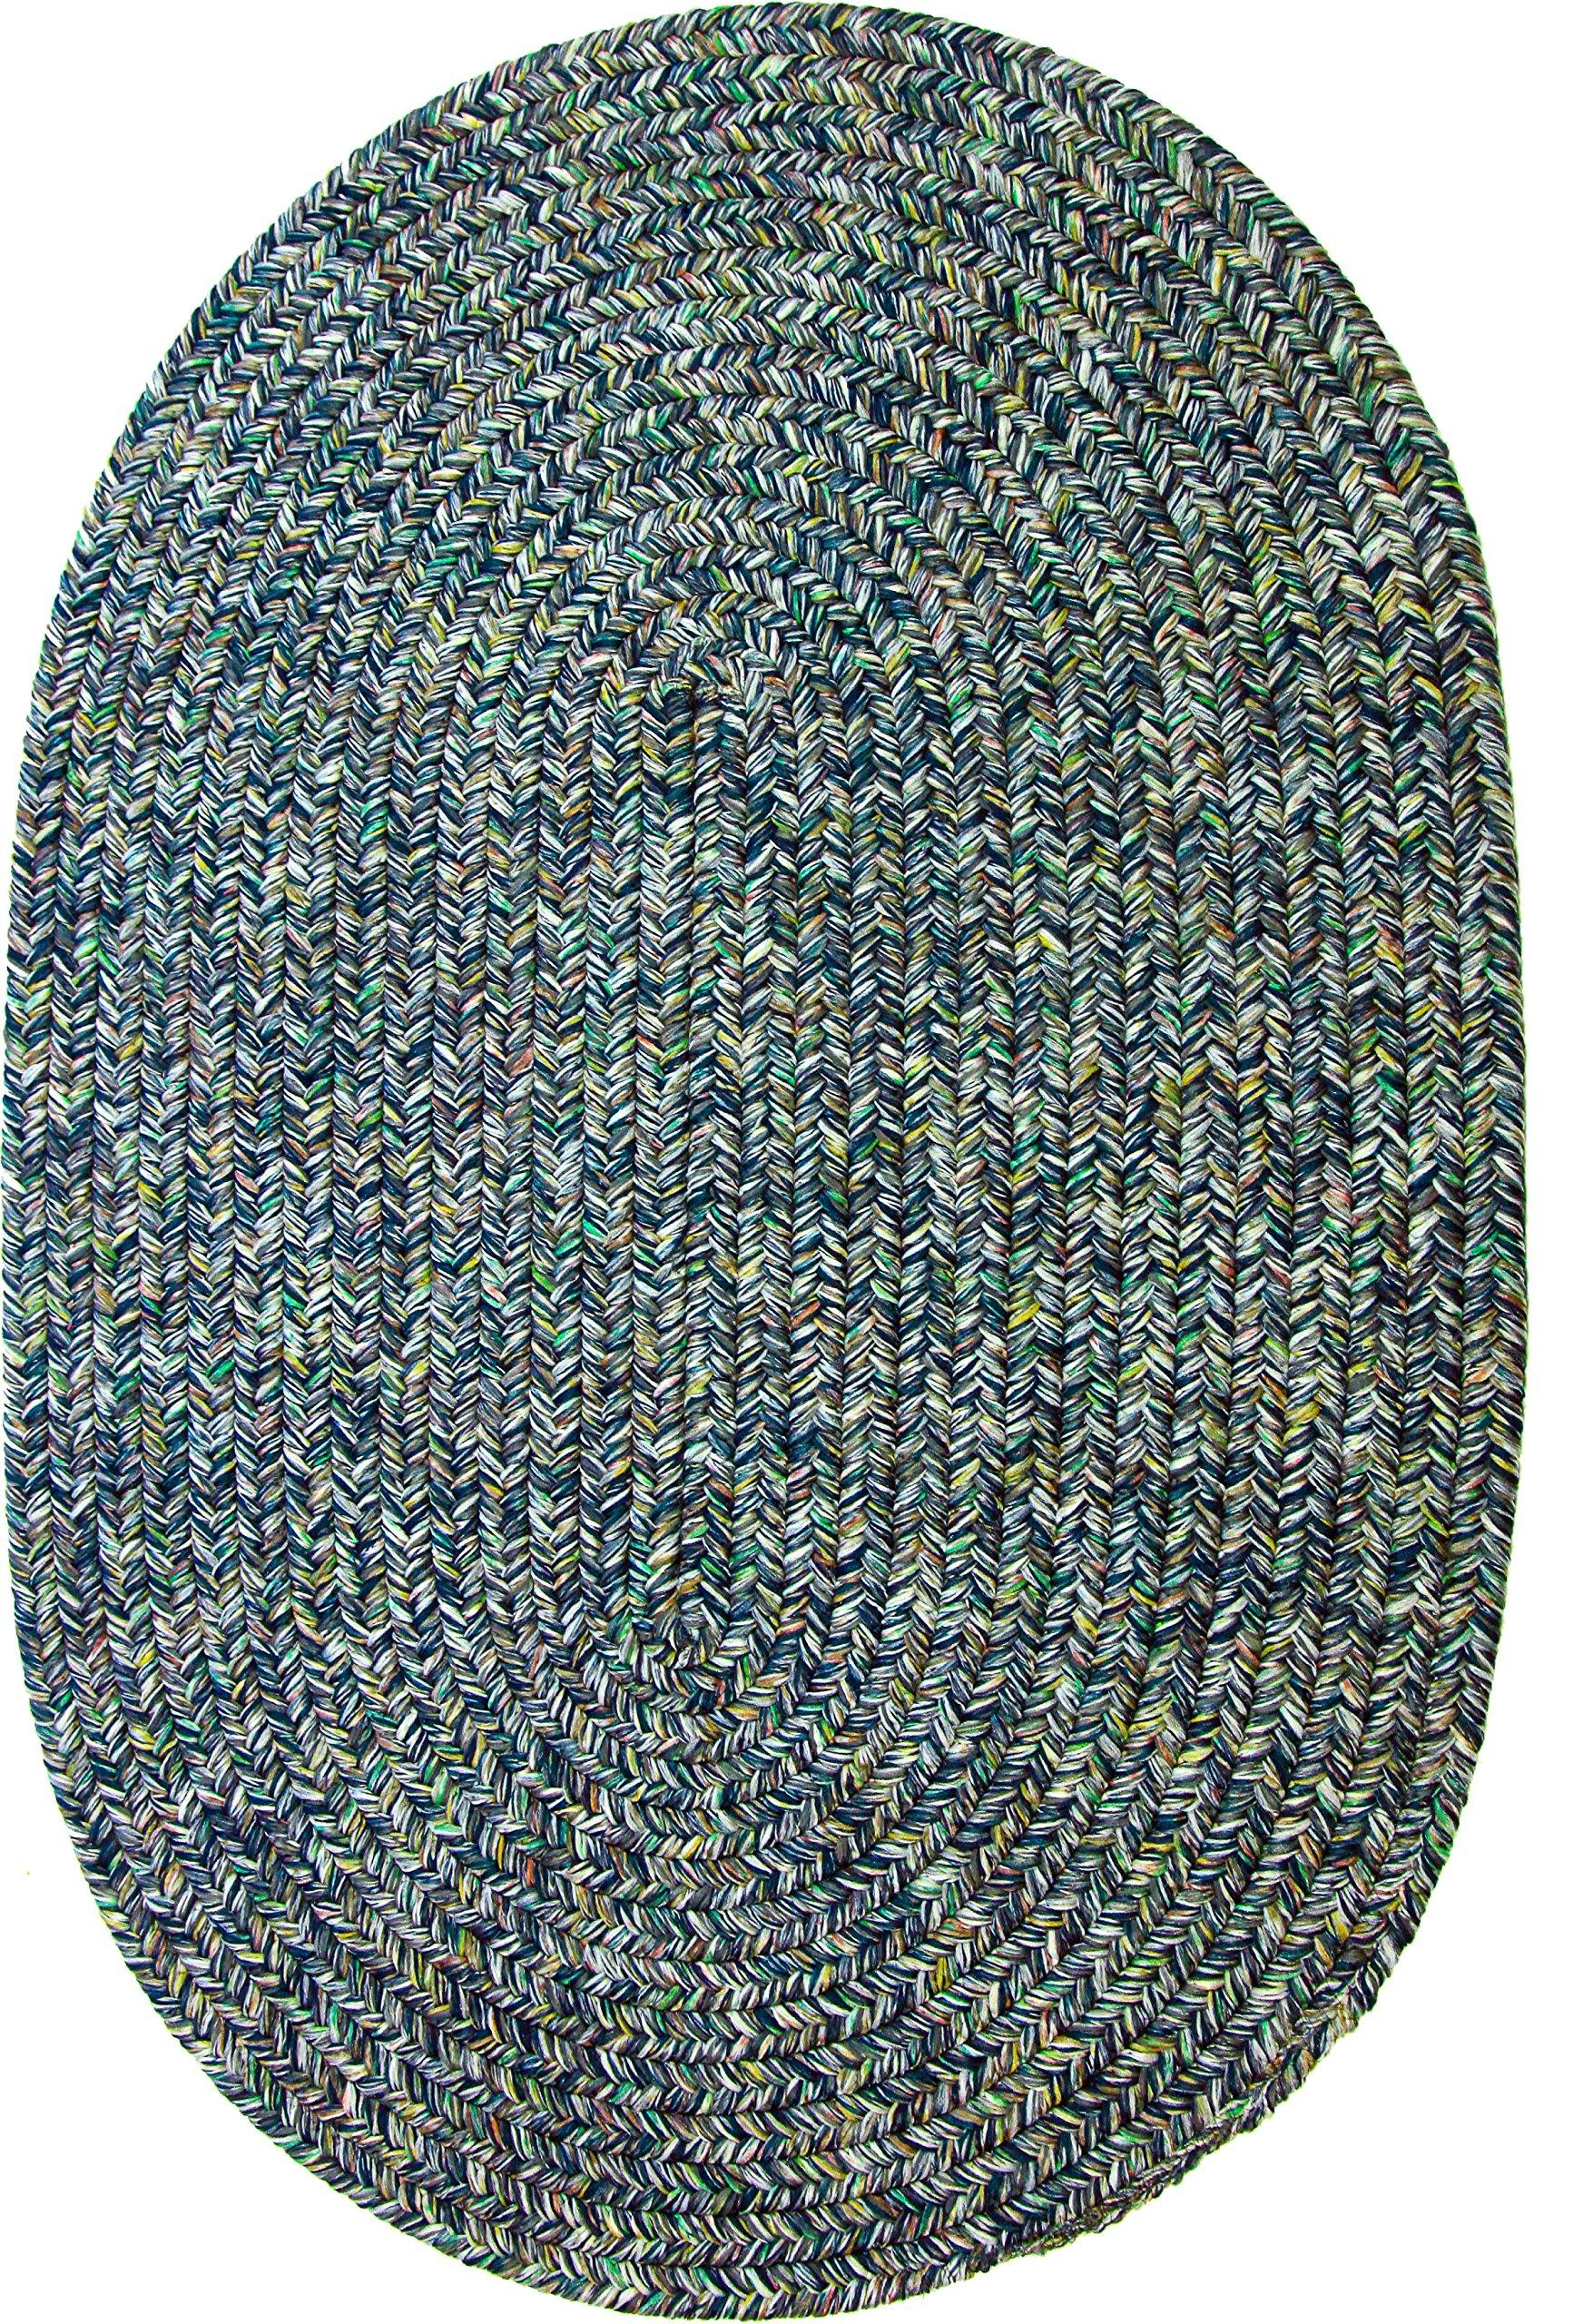 Sabrina Tweed Indoor/Outdoor Oval Braided Rug, 2 by 3-Feet, Denim